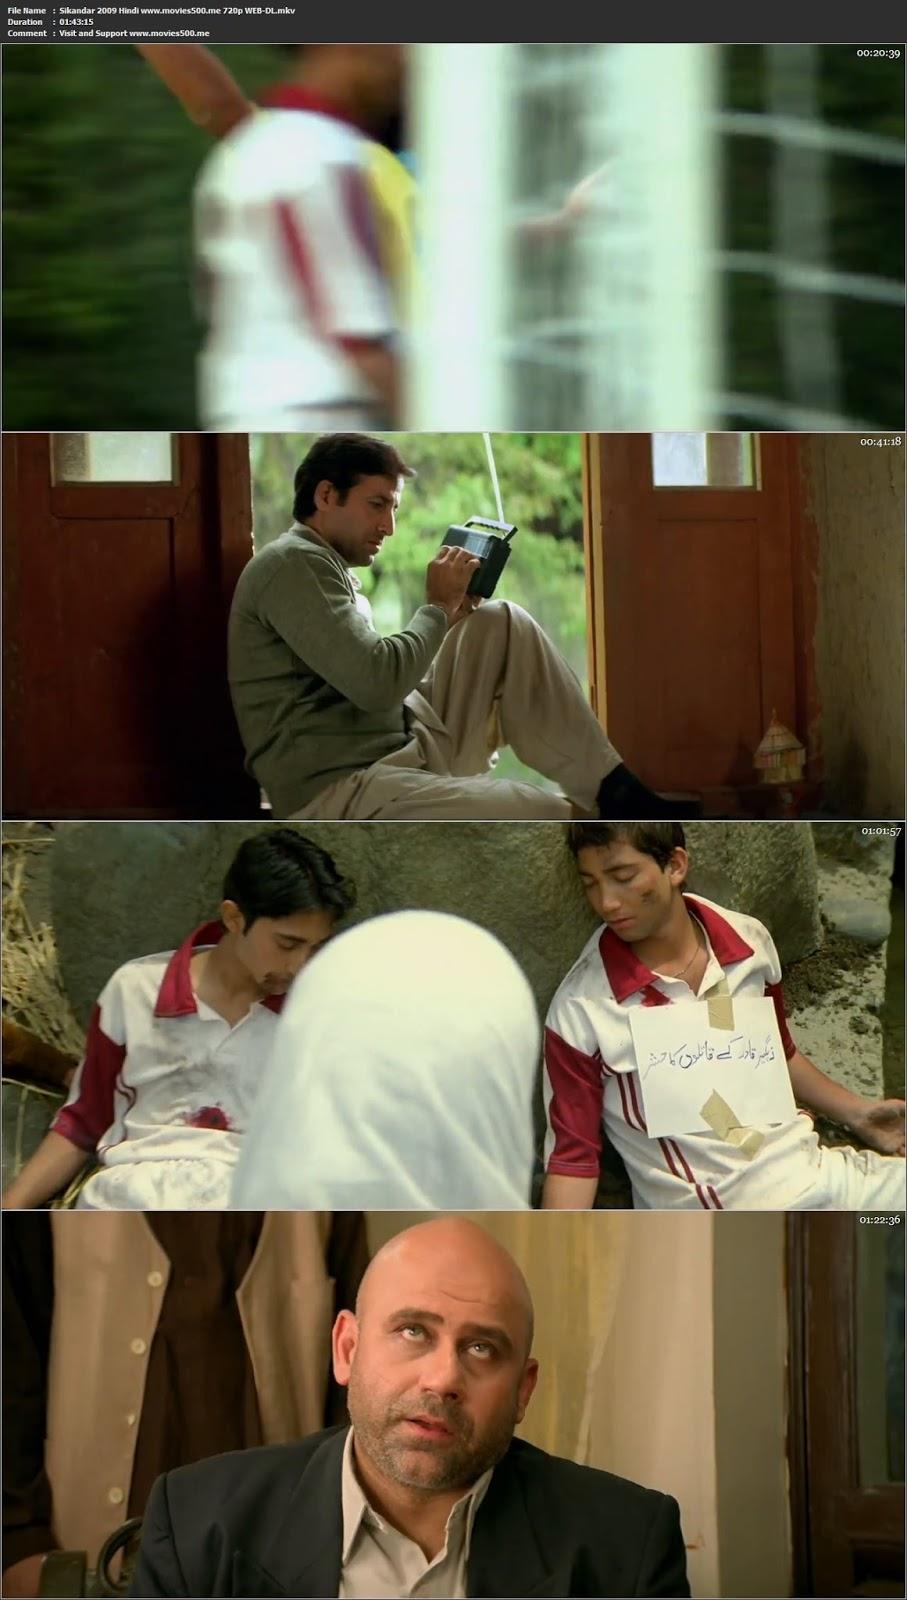 Sikandar 2009 Hindi Full Movie 700MB WEB DL 720p at movies500.info